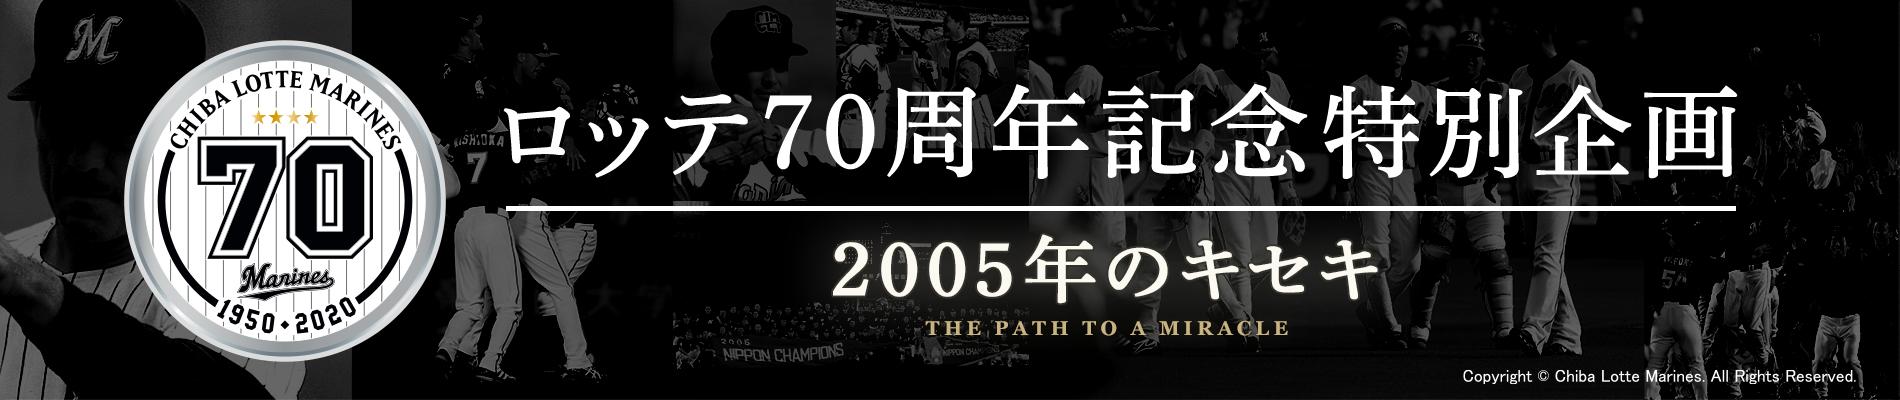 ロッテ70周年企画2005年版